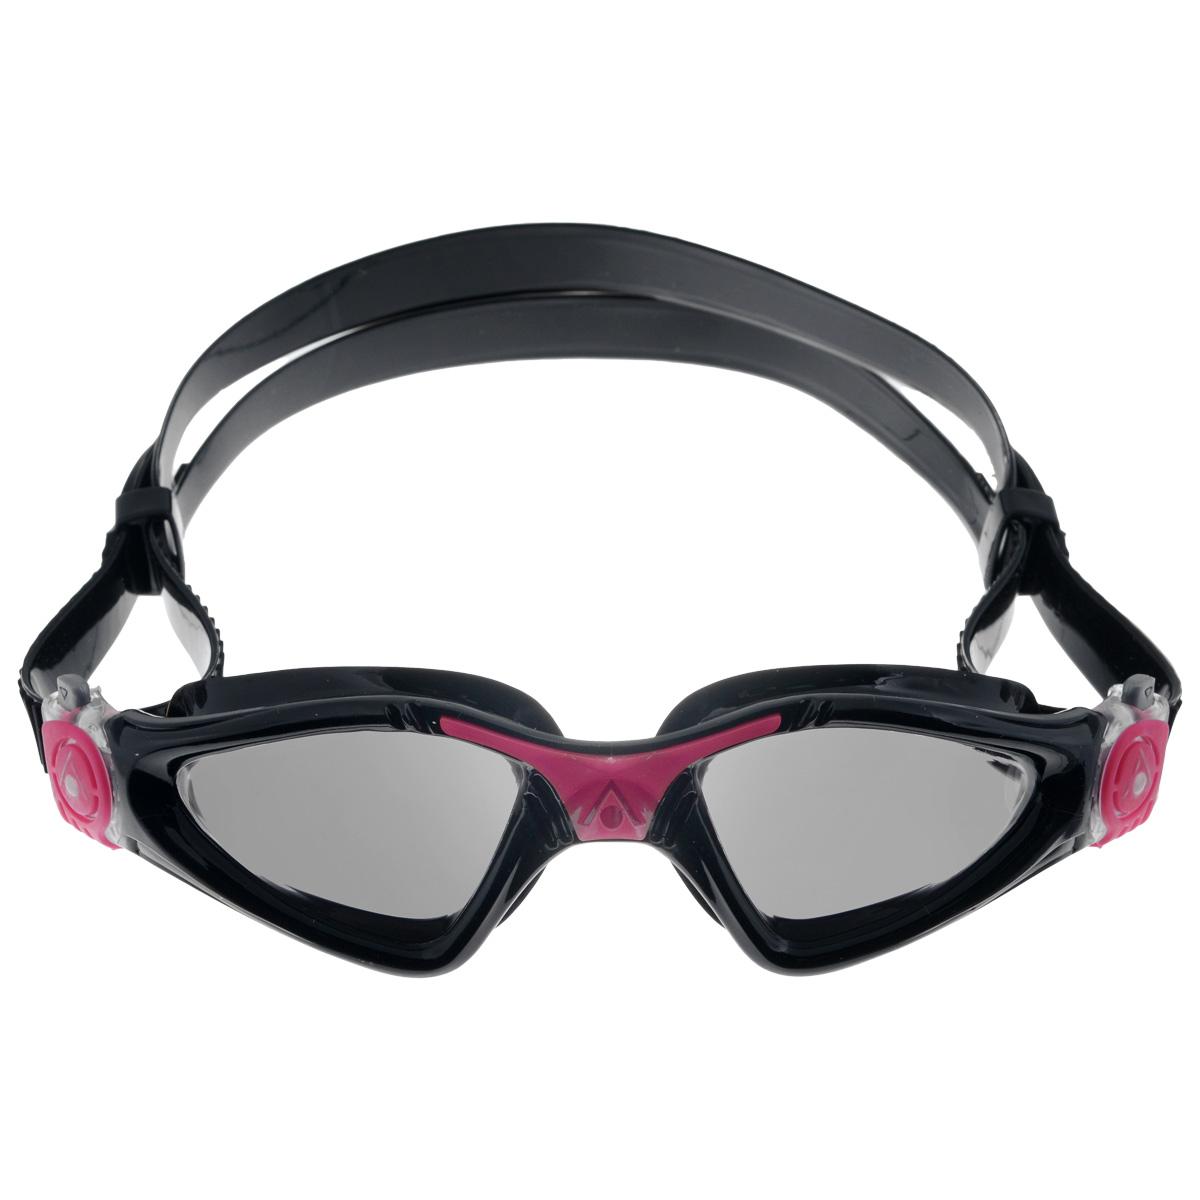 Очки для плавания Aqua Sphere Kayenne Lady, зеркальные линзы, цвет: черный, розовыйTN 172760Модные и стильные очки для плавания Aqua Sphere Kayenne Lady идеально подходят для плавания в бассейне или открытой воде. Оснащены линзами с антизапотевающим покрытием, которые устойчивы к появлению царапин. Мягкий комфортный обтюратор плотно прилегает к лицу. Запатентованные изогнутые линзы дают прекрасный обзор на 180° - без искажений. Рамка имеет гидродинамическую форму. Очки оснащены удобными быстрорегулируемыми пряжками. Зеркальные линзы снижают яркость и блики, что делает их идеальными для условий с высоким уровнем освещенности (прямые лучи солнечного света). Металлизированное покрытие наносят поверх темной линзы, в результате чего максимально снижается световая нагрузка на глаза. Материал: софтерил, plexisol.